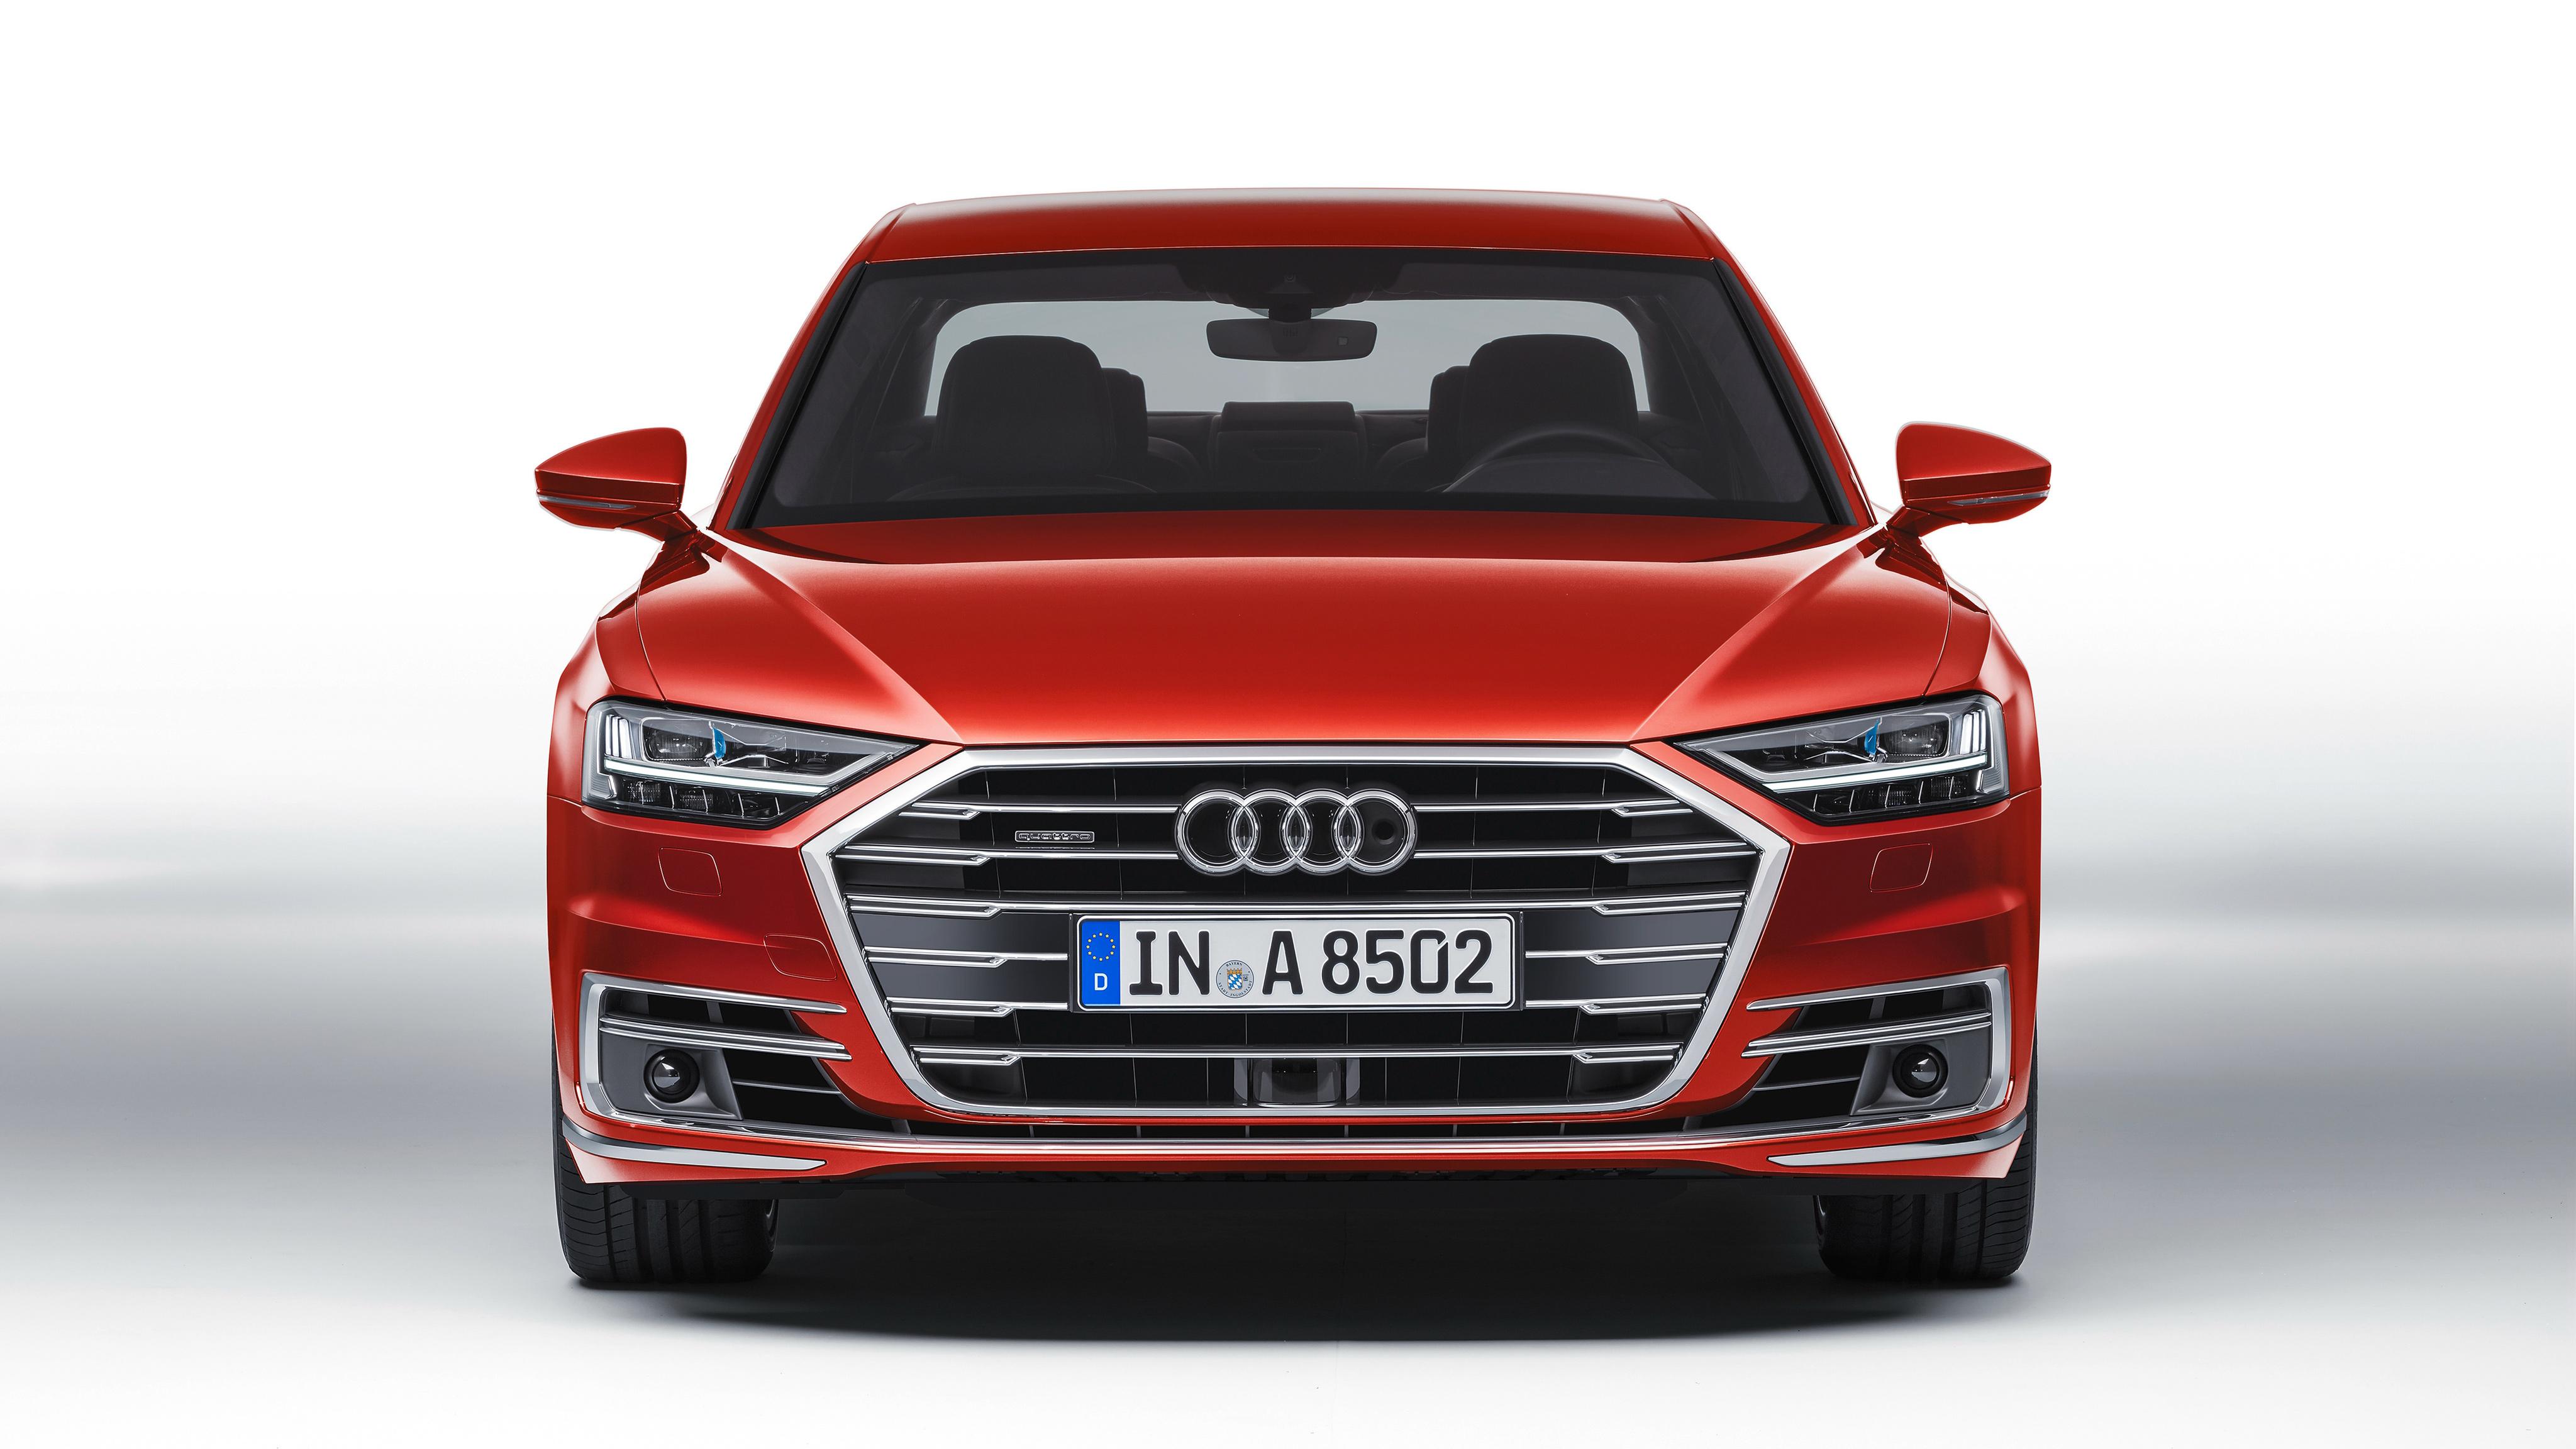 Audi a8 tdi quattro 2017 4k wallpaper hd car wallpapers for Audi a8 exterior 2017